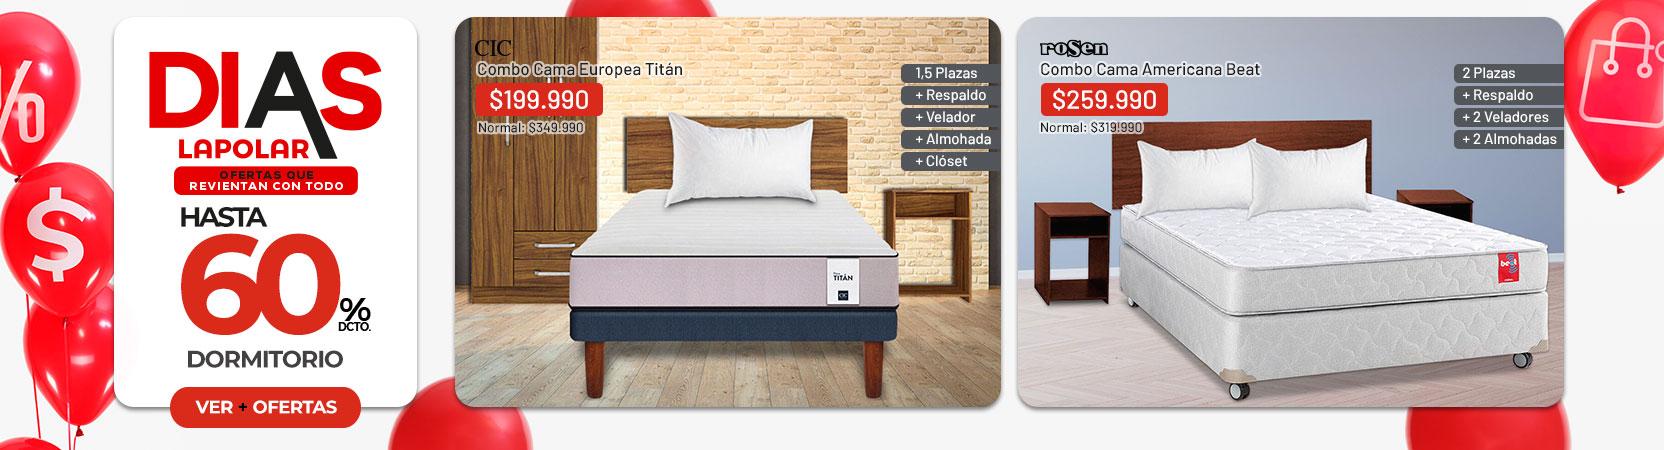 Dormitorio hasta 60% dcto.